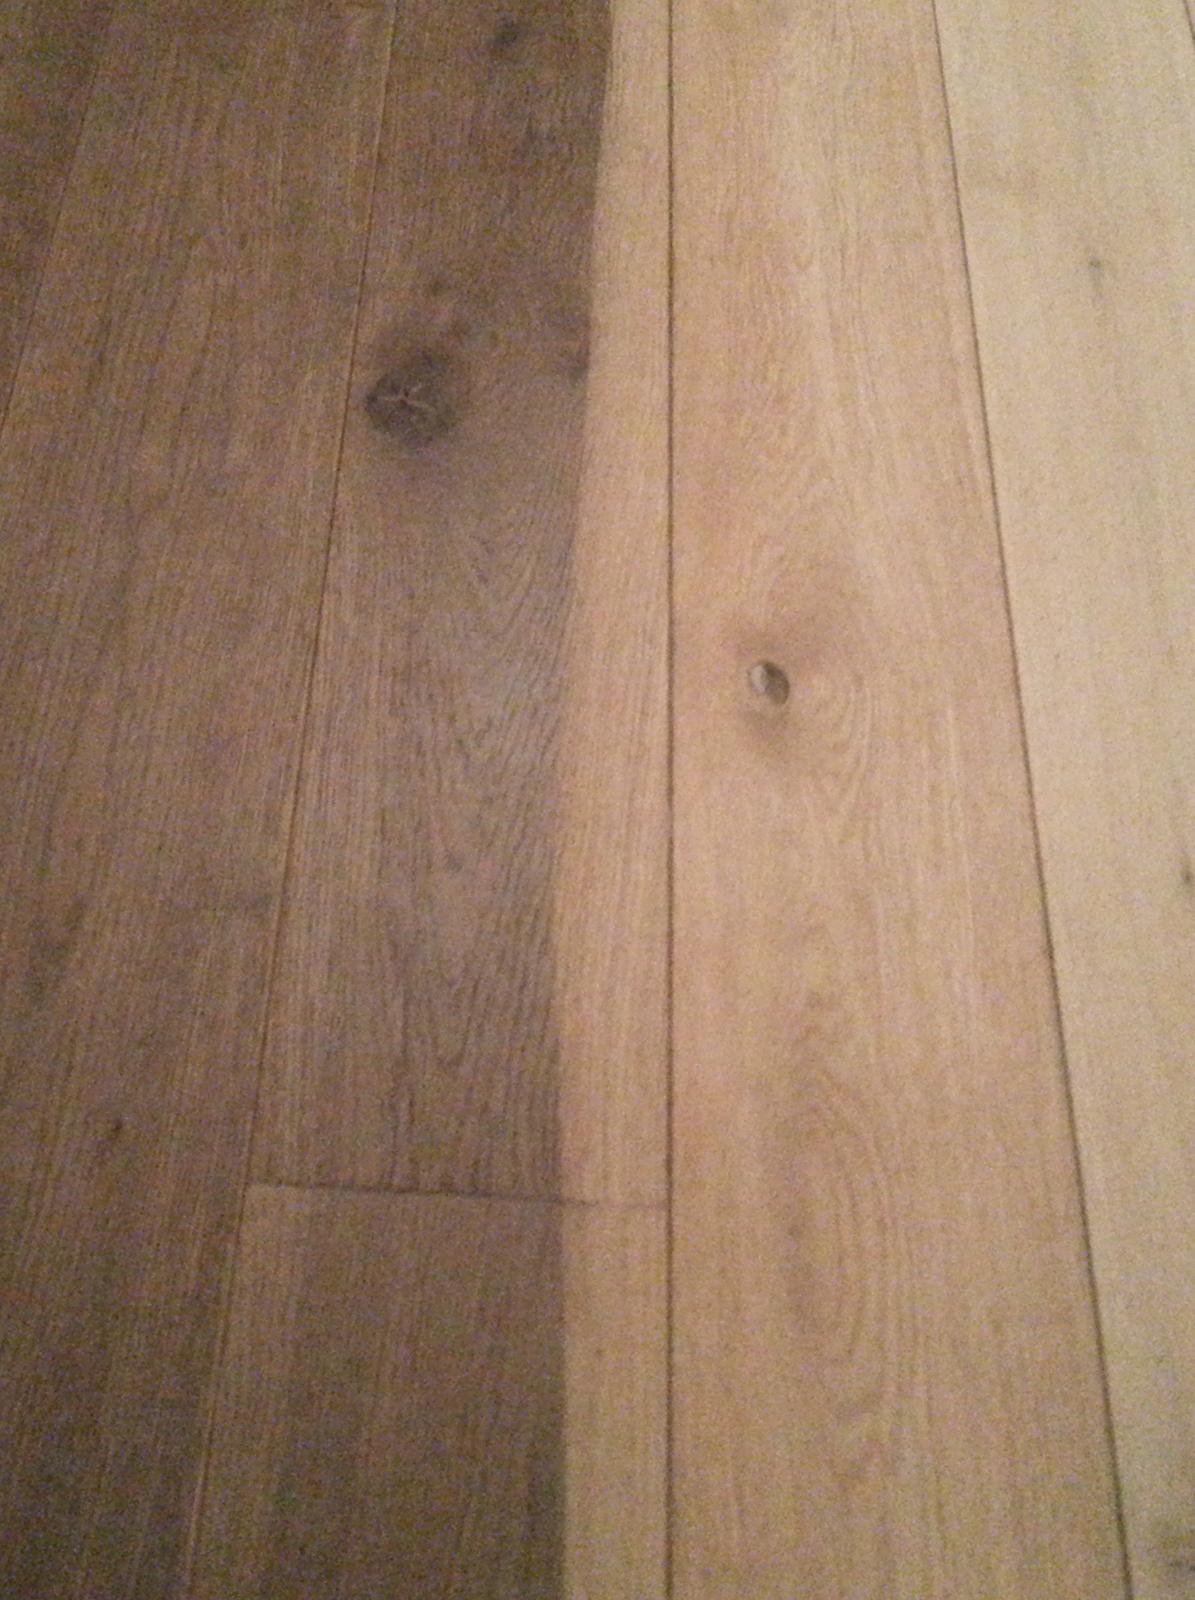 92b0d5df4b9514 Zowel nieuwe vloeren als bestaande vloeren schuren of renoveren. Na  plaatsing of onderhoud is uw vloer goed voor jarenlang gegarandeerd  woonplezier.